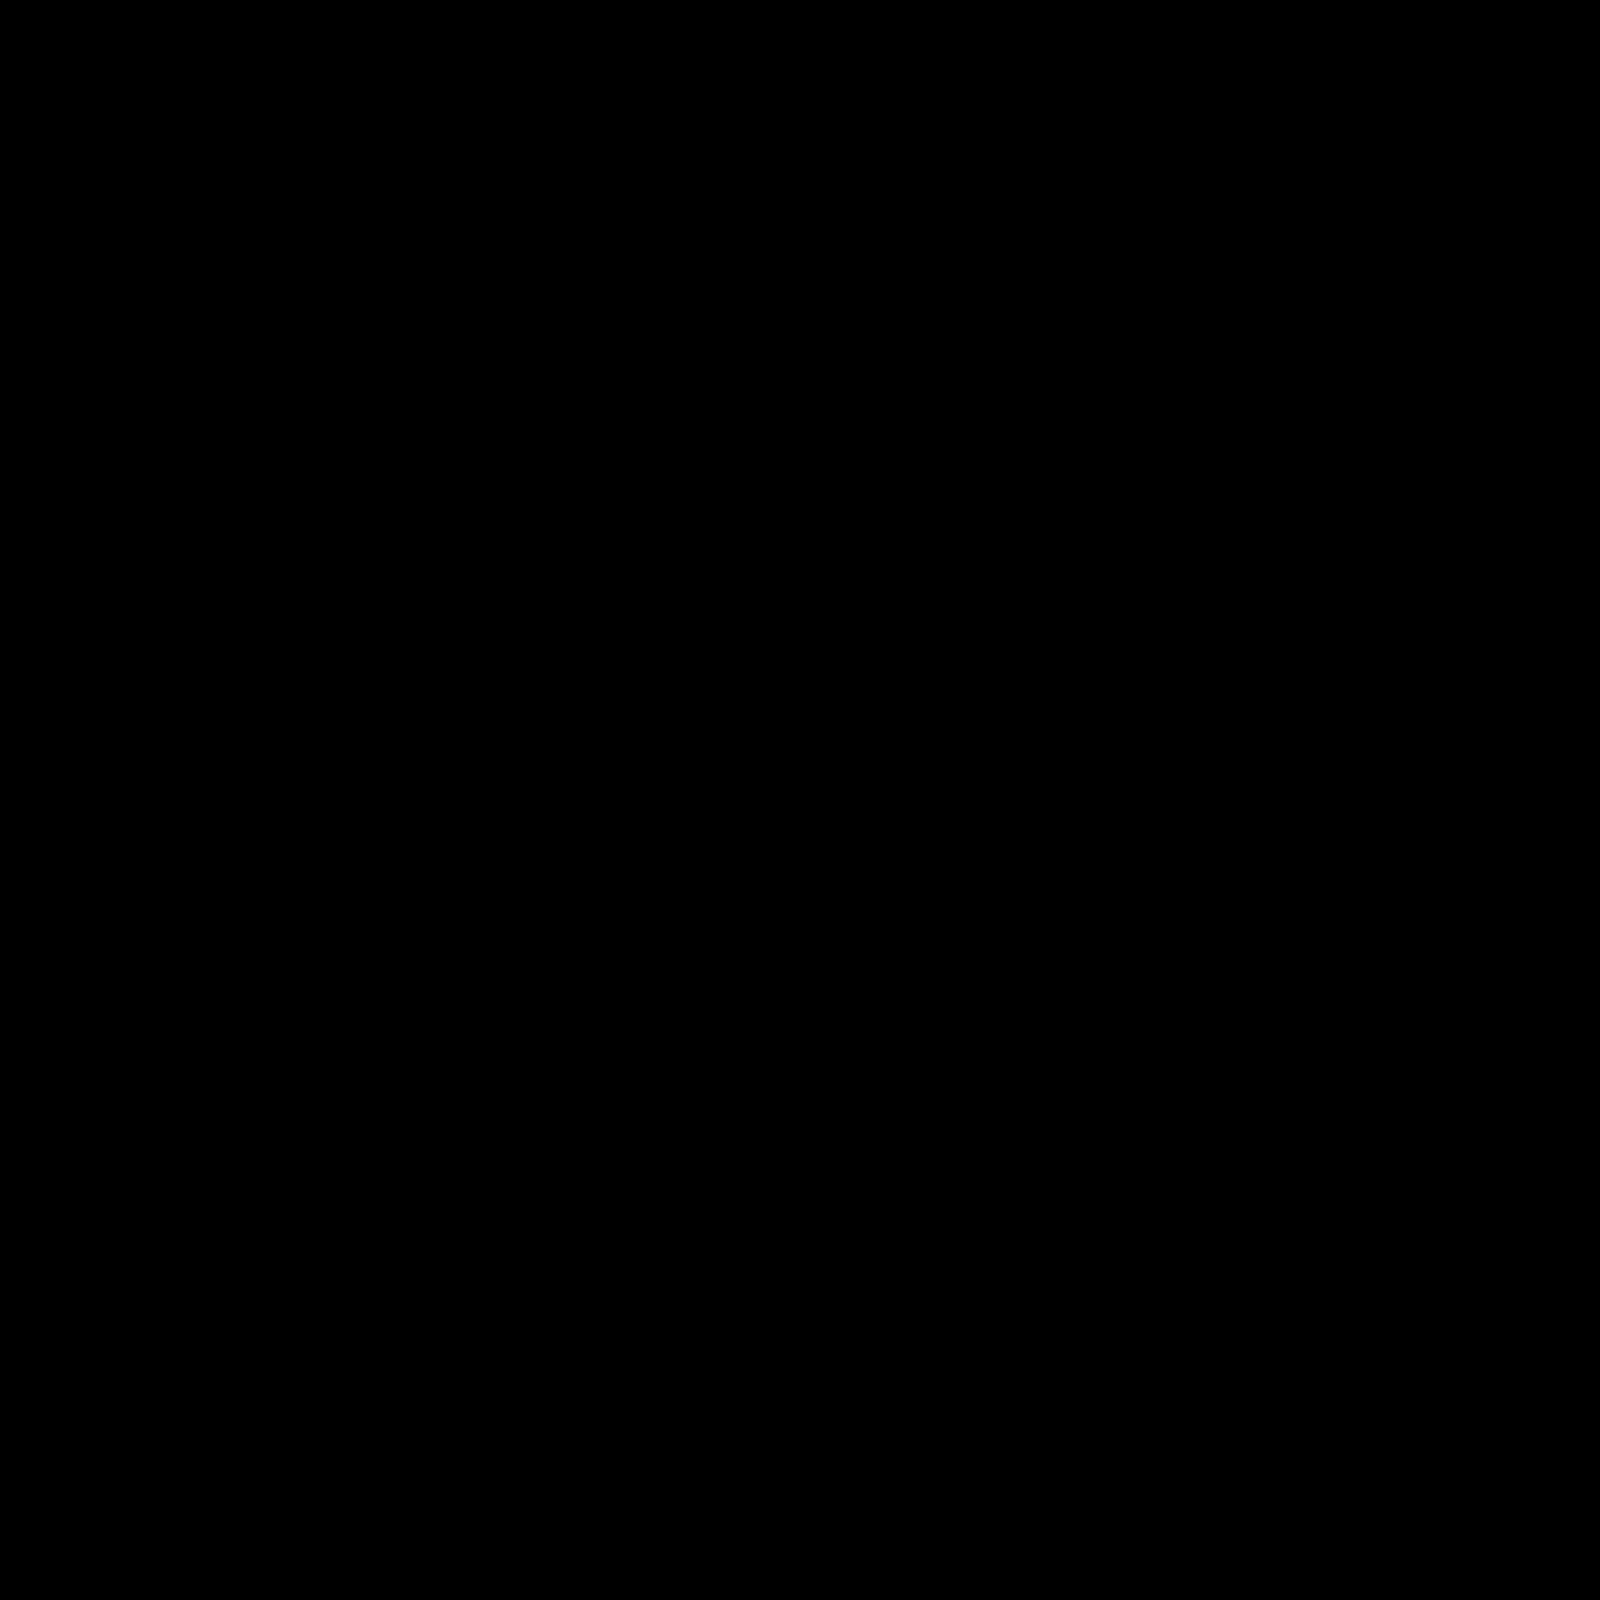 Telegram App icon. PNG 50 px - Telegram Logo PNG